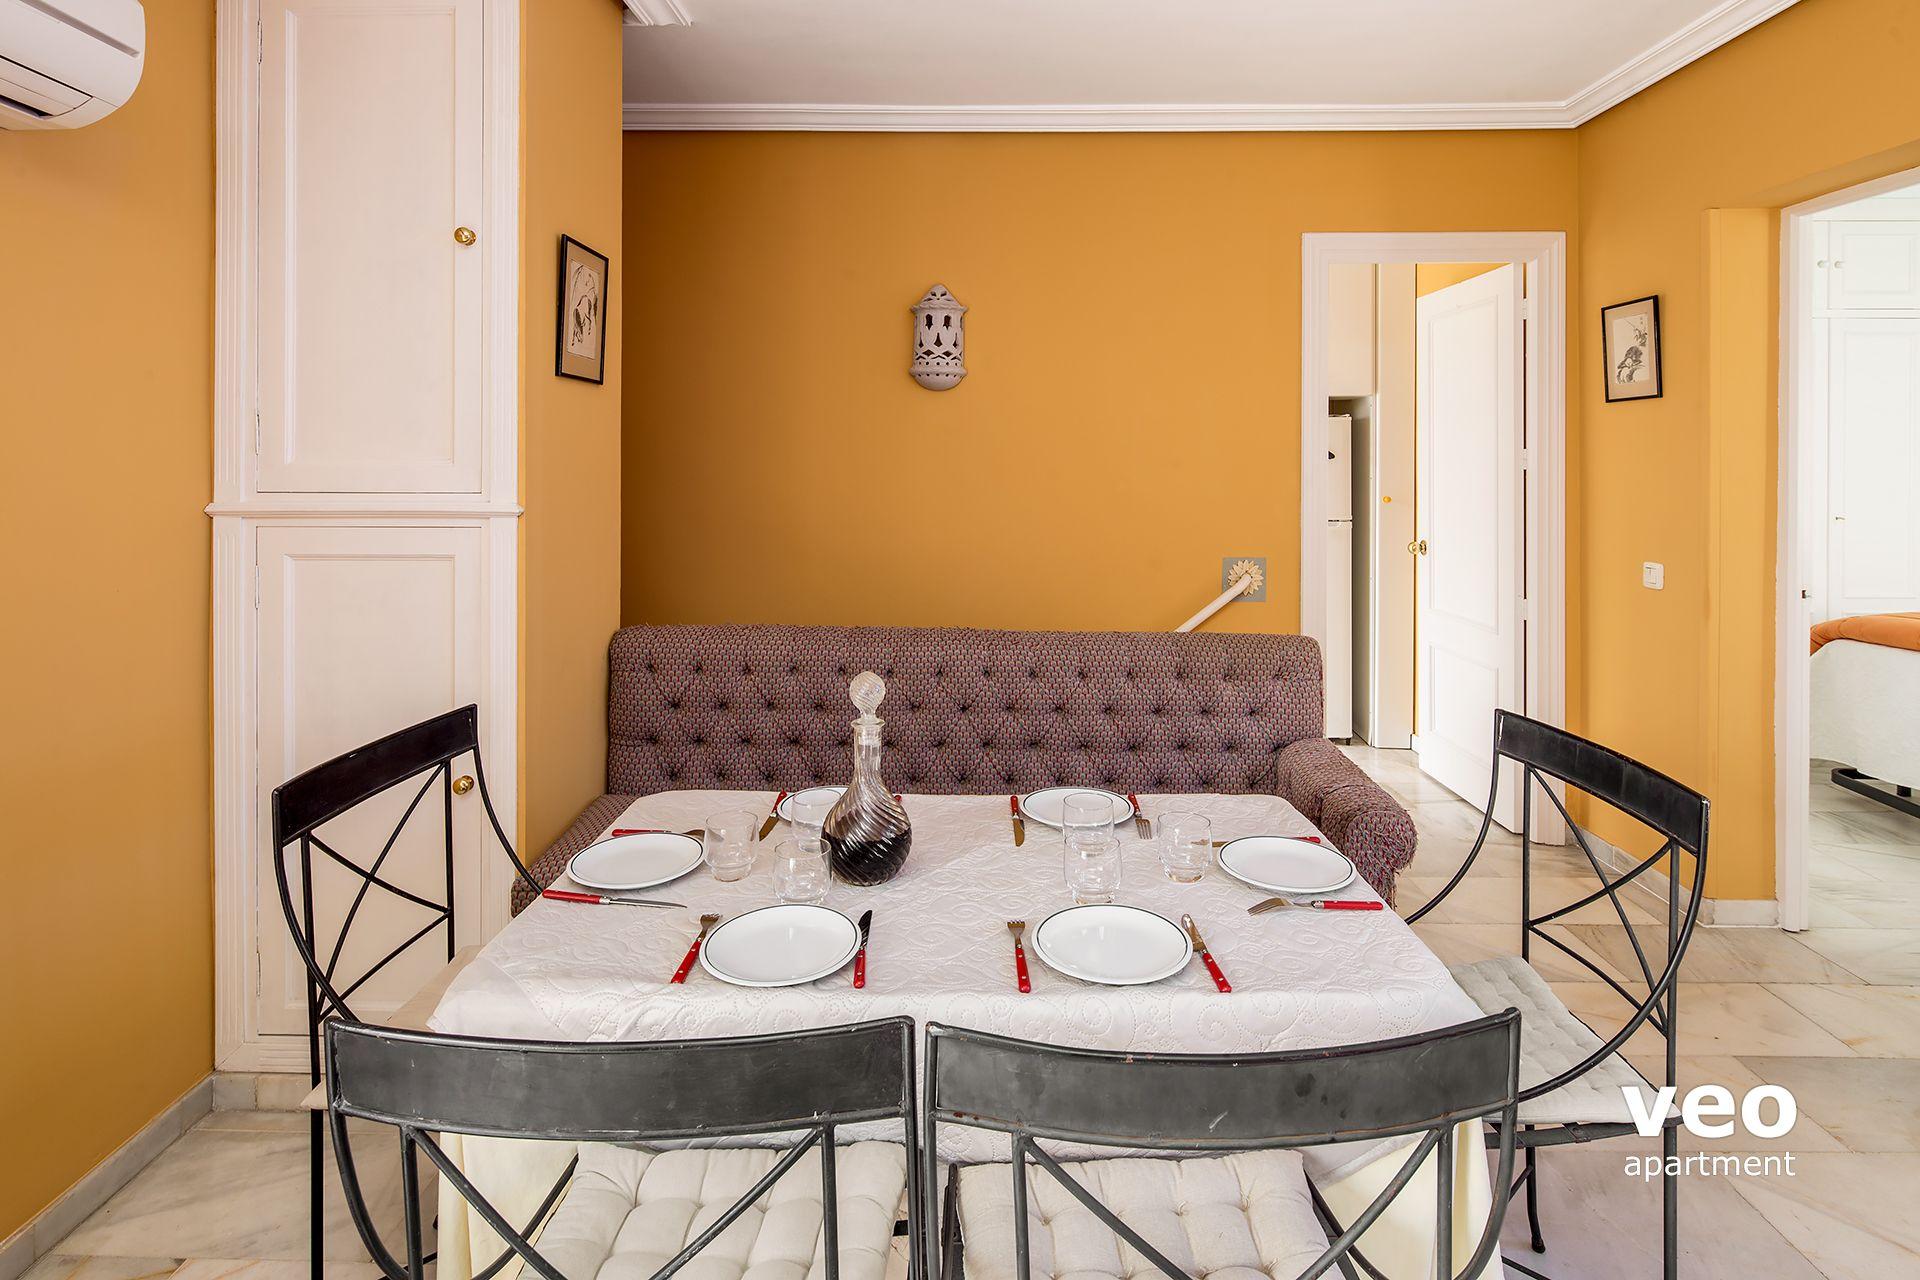 Sevilla apartmento callej n celinda sevilla espa a for Registro bienes muebles sevilla